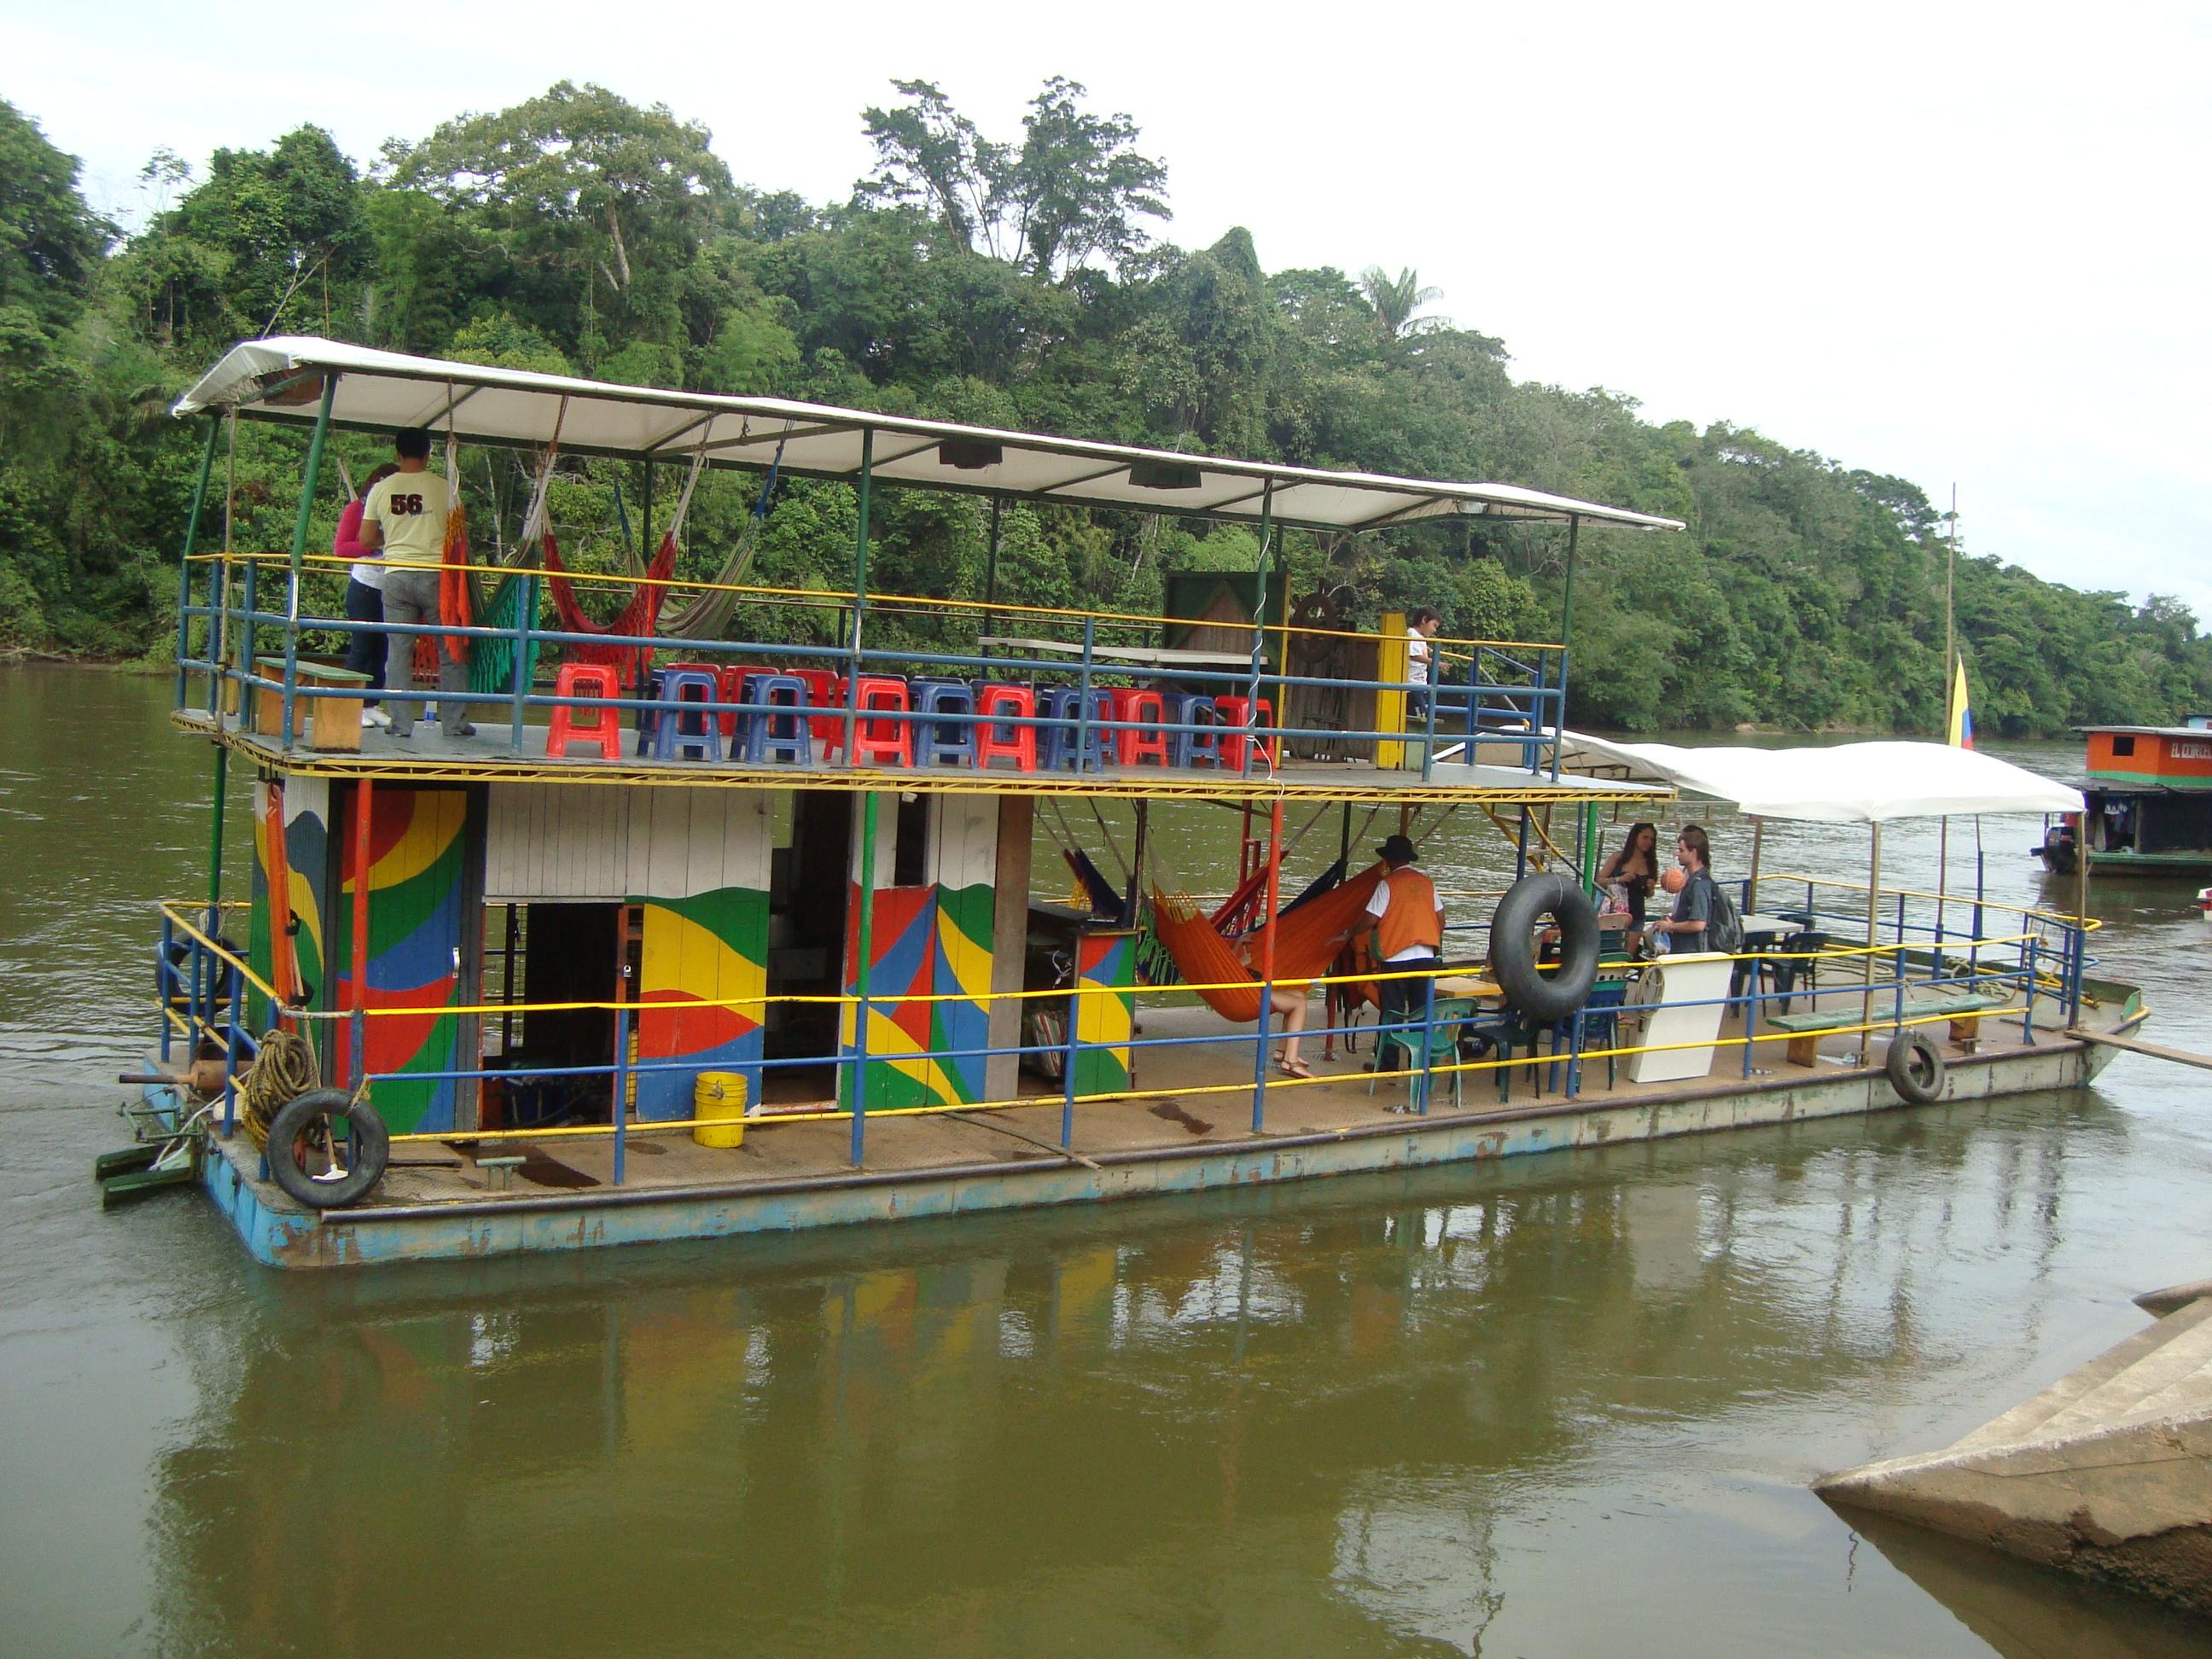 Archivo:Marco Polo Ferry.JPG - Wikipedia, la enciclopedia libre